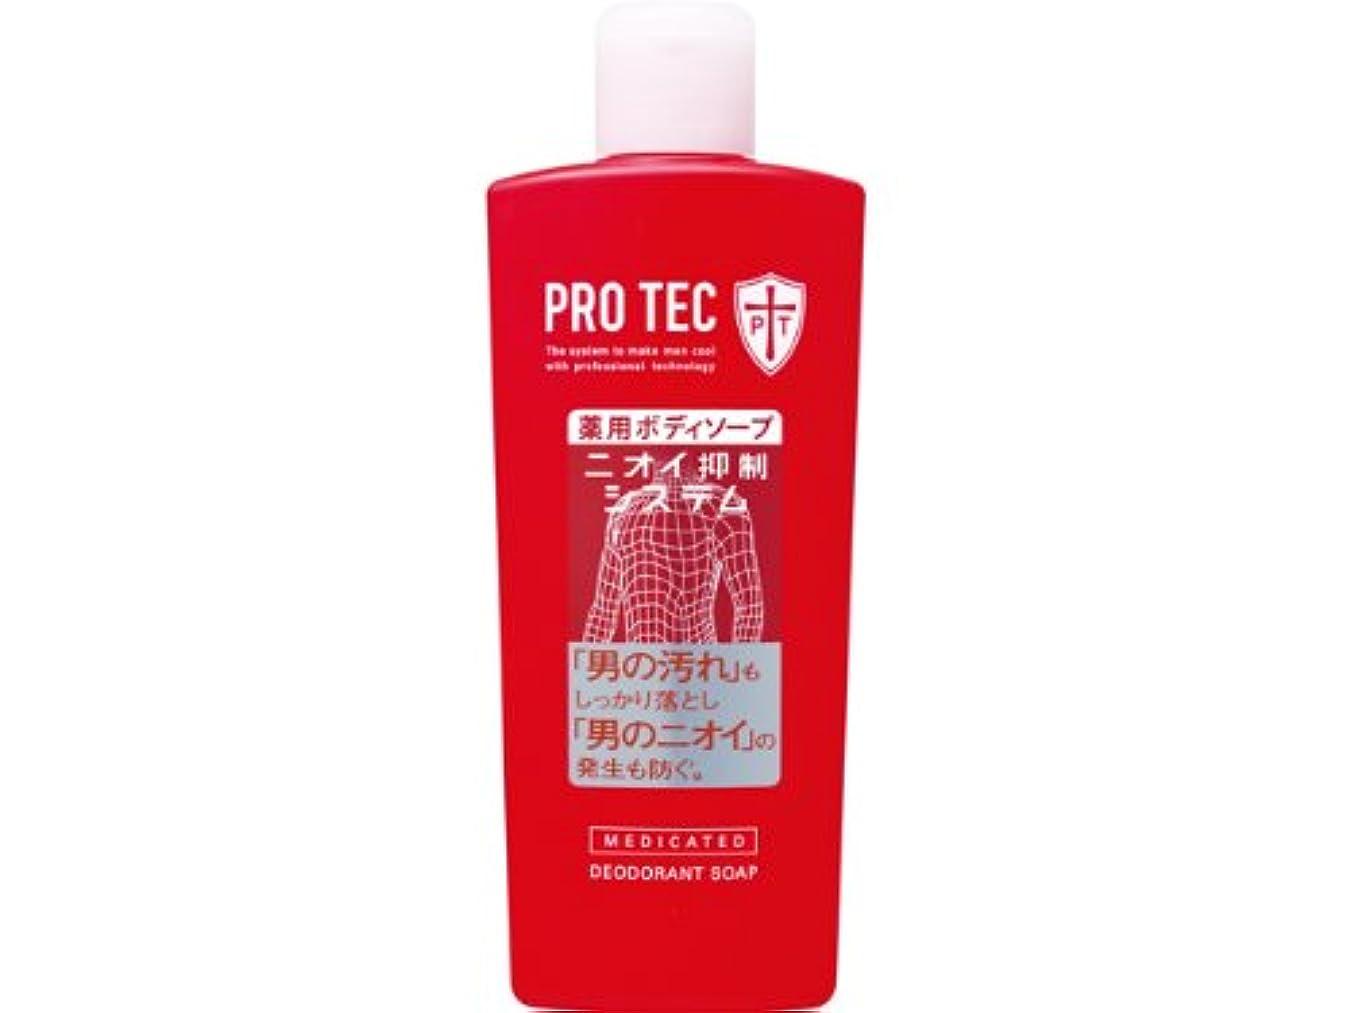 真剣に音楽を聴くアレルギー性PRO TEC(プロテク) デオドラントソープ 300ml